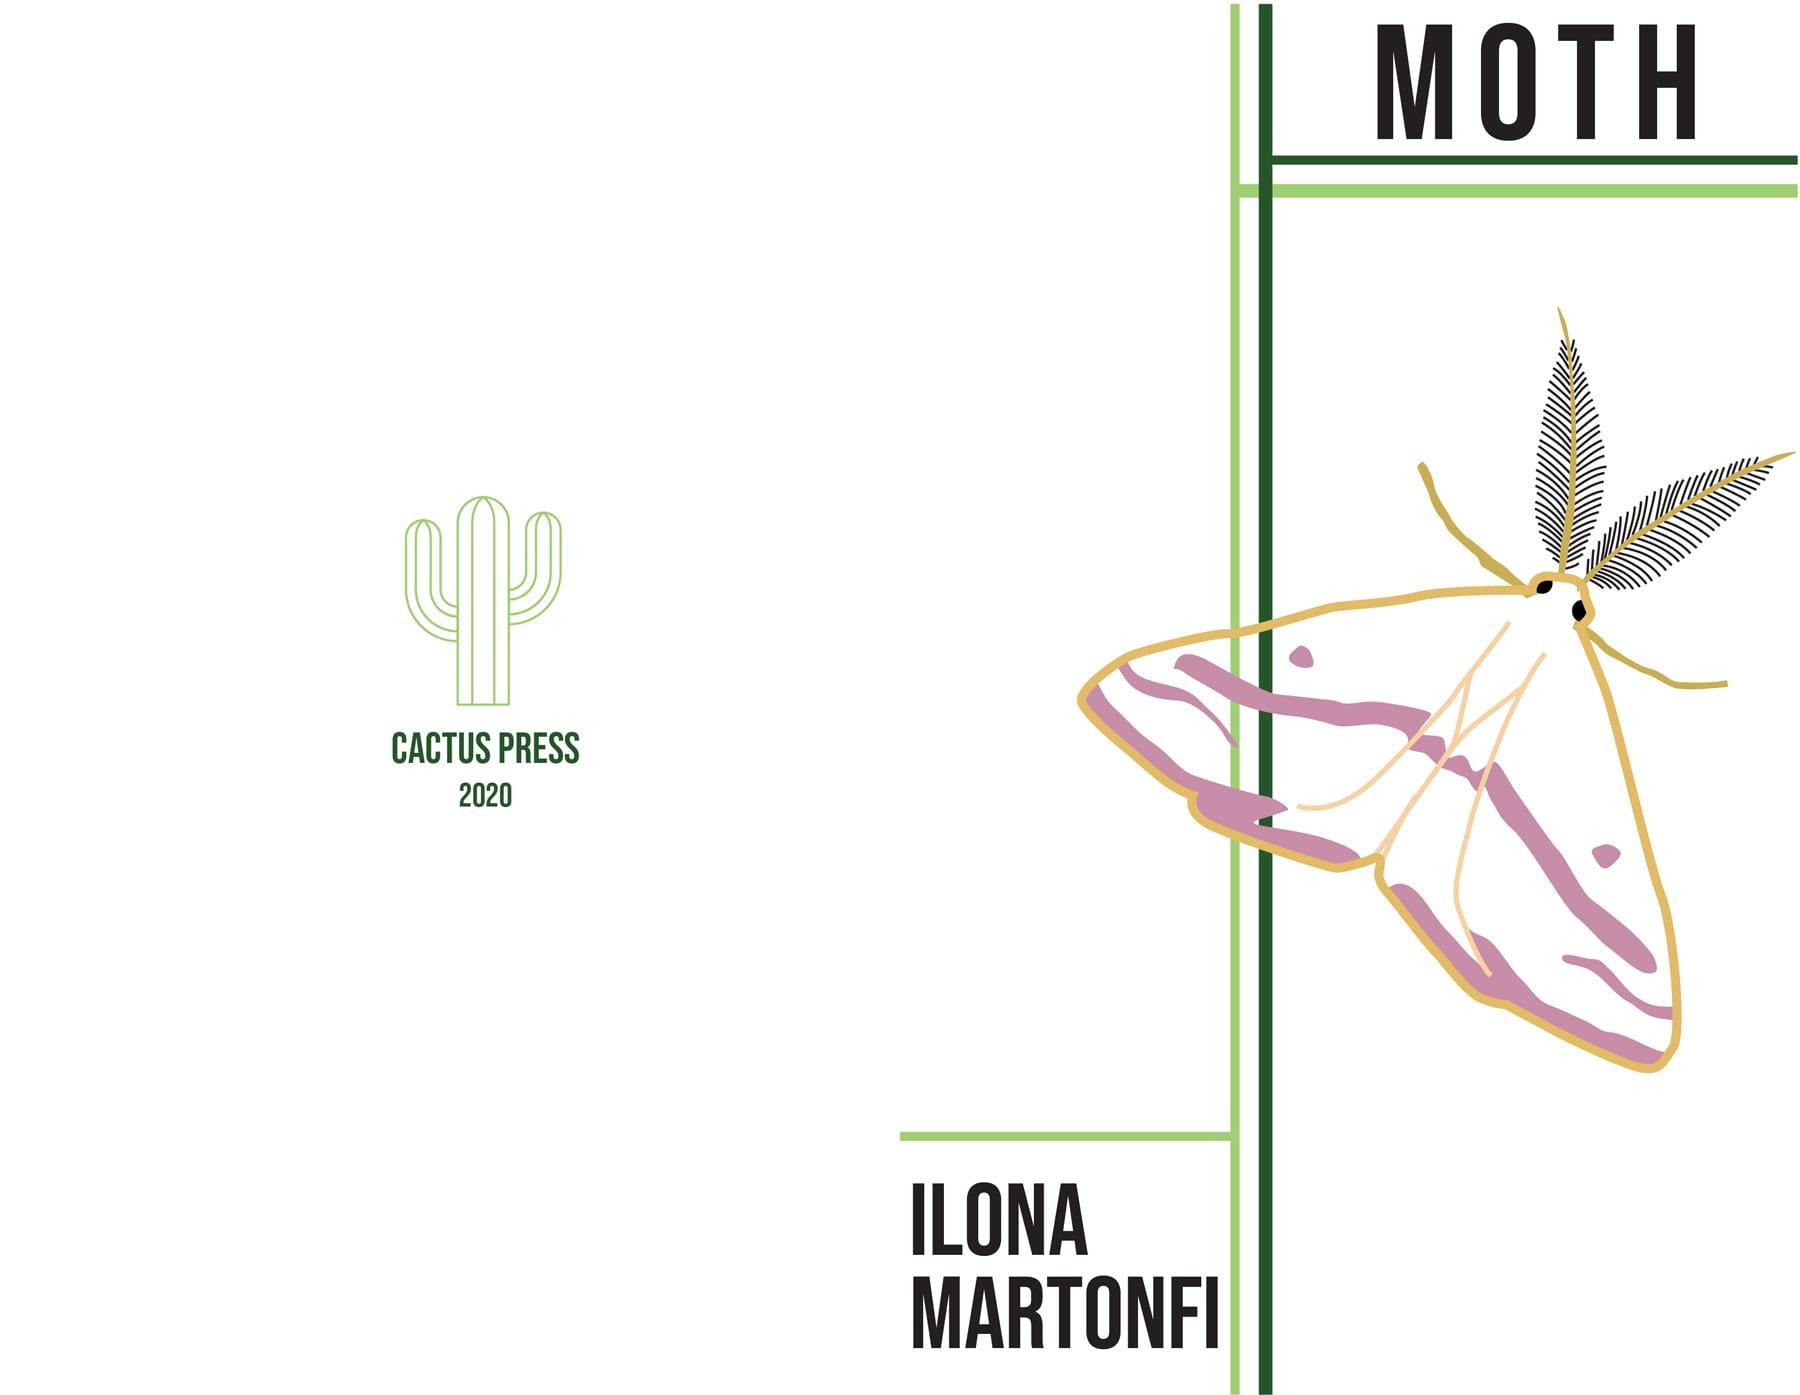 Ilona Martonfi's The Moth cover